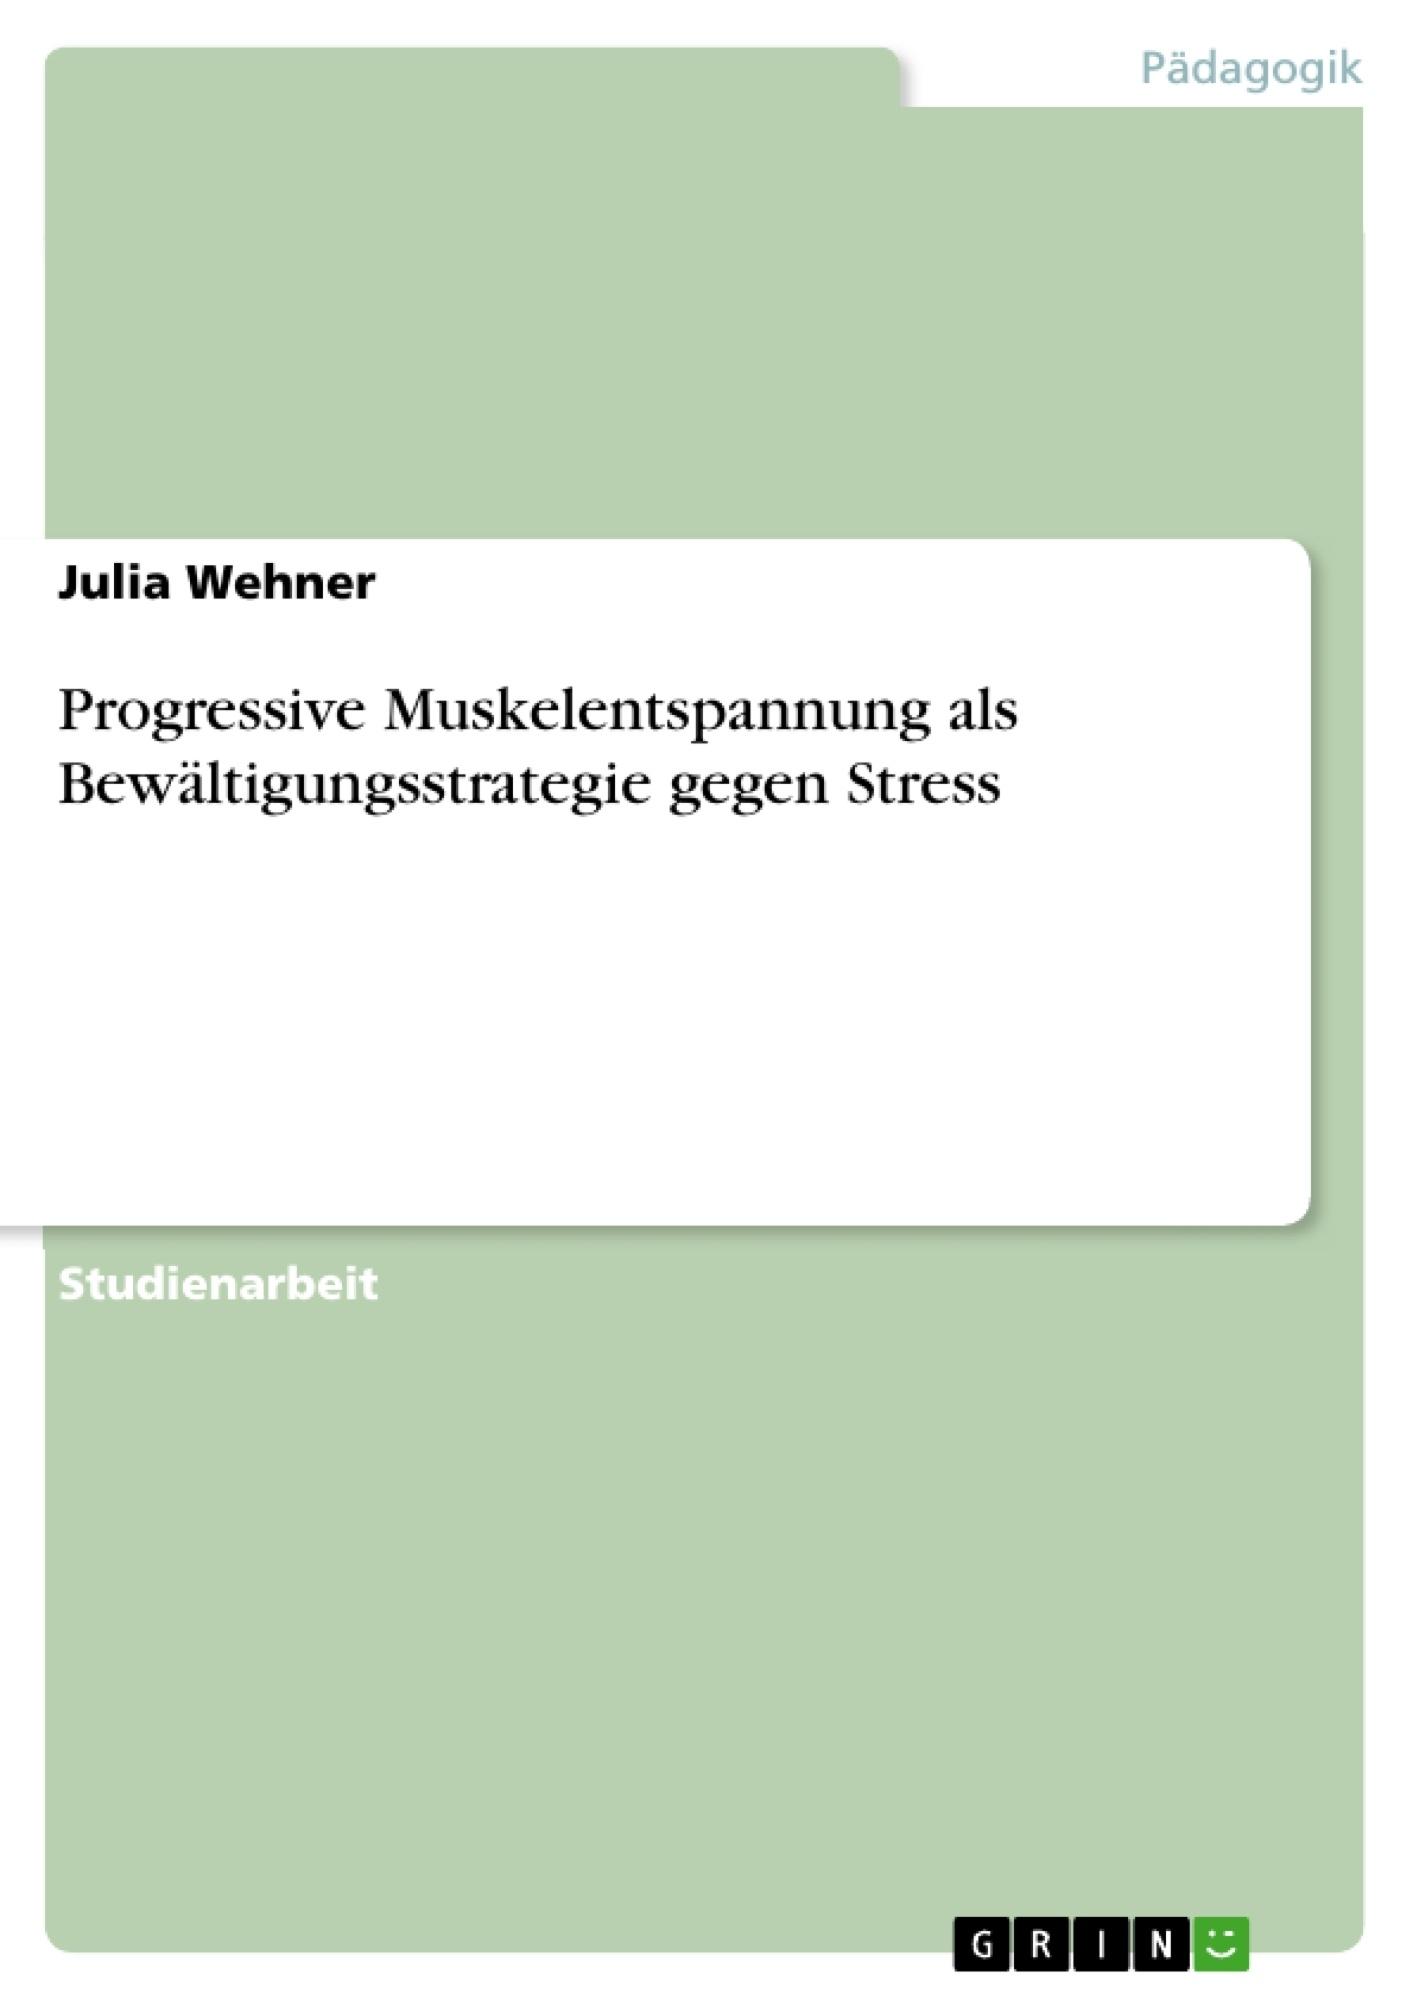 Titel: Progressive Muskelentspannung als Bewältigungsstrategie gegen Stress